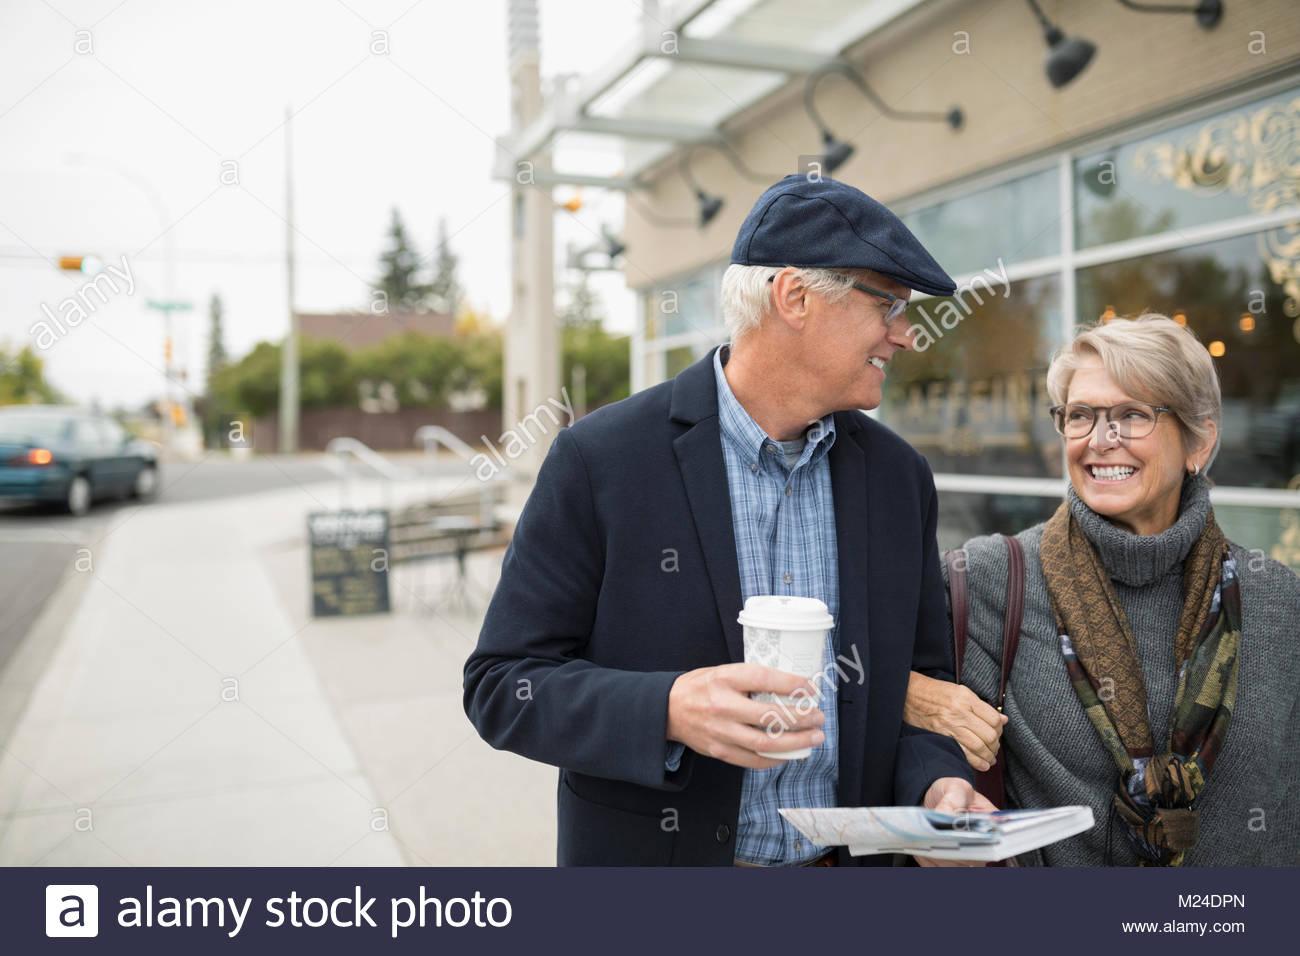 Smiling senior couple drinking coffee, walking outside sidewalk cafe - Stock Image